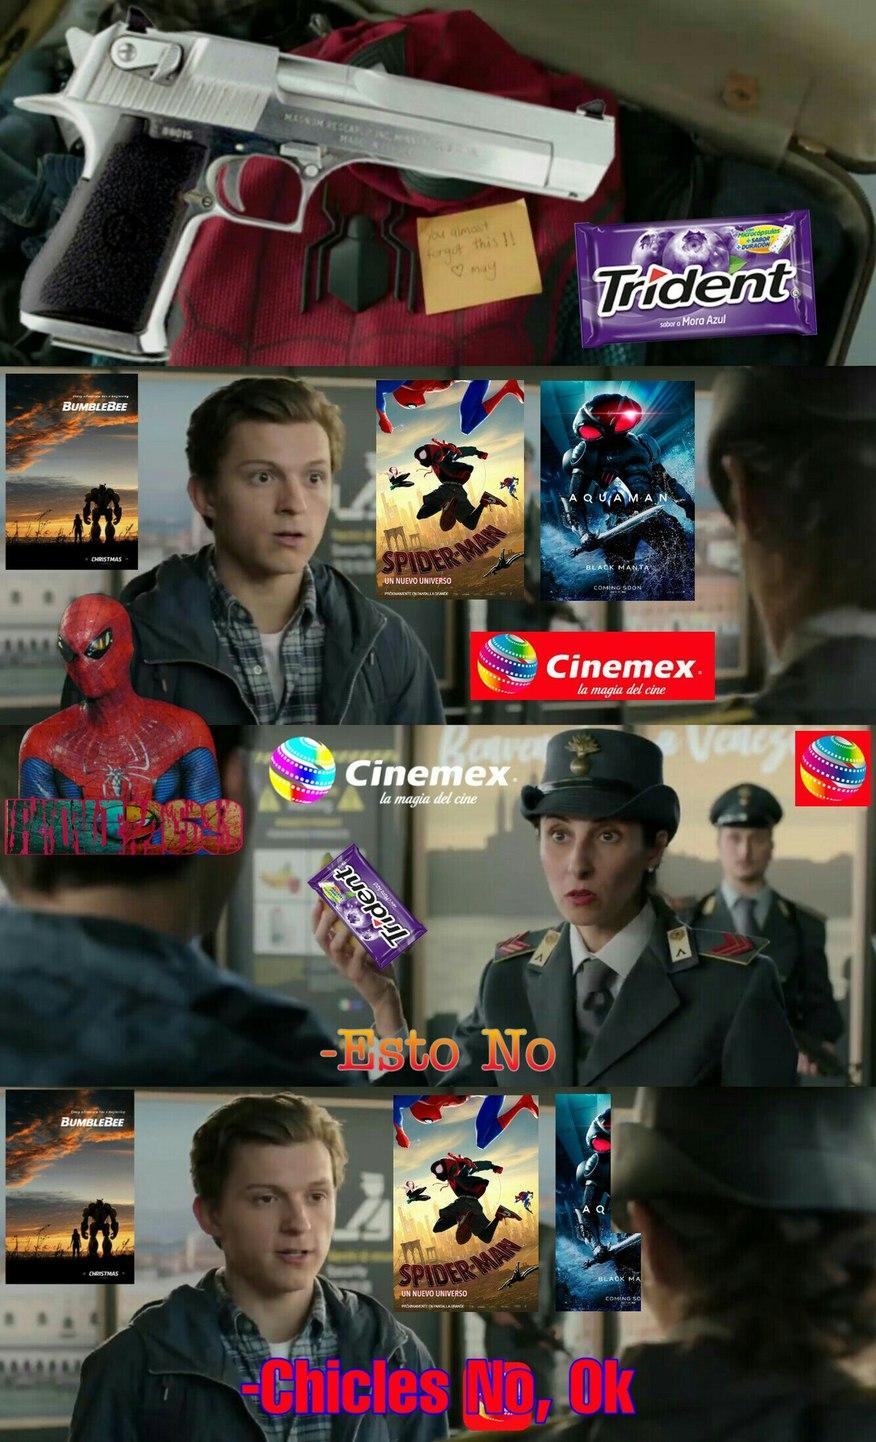 En Realidad En Cinemex Son Buena Onda Y Te Dejan Meter Si Compras Algo, Pero es Mi Cine Más Local Así Que Lo Puse (Lo Empecé a Hacer En Enero Pero Apenas Lo Pude Acabar Ahora, Por Eso La Cartelera) - meme